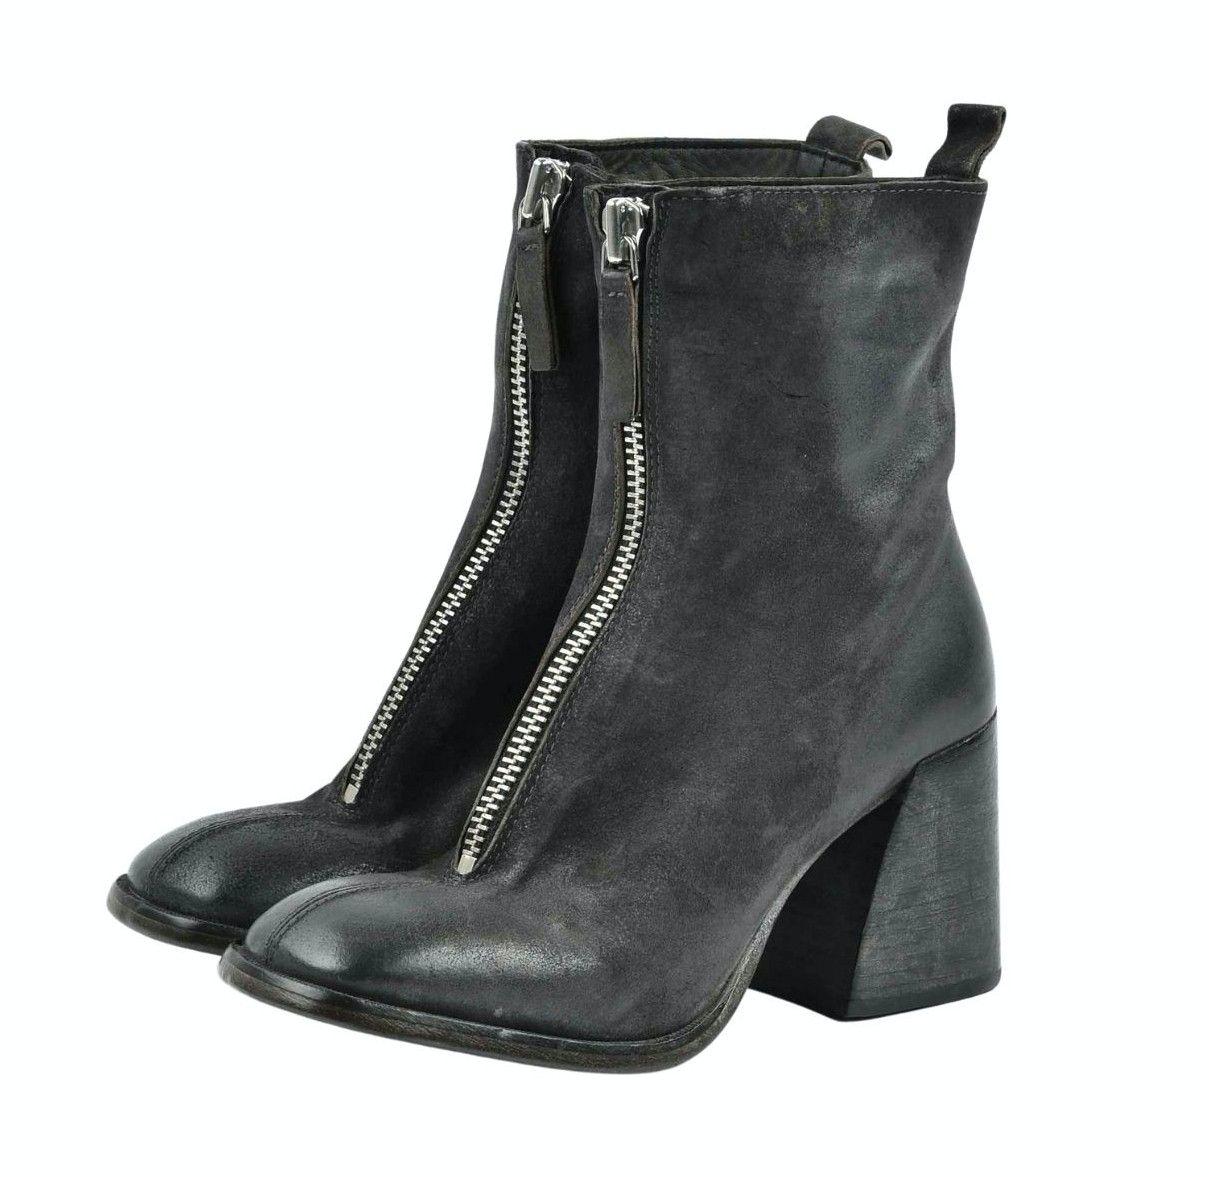 MOMA - Damen Stiefelette - Tronchetto Donna Oliver XL 661 - Asfalto